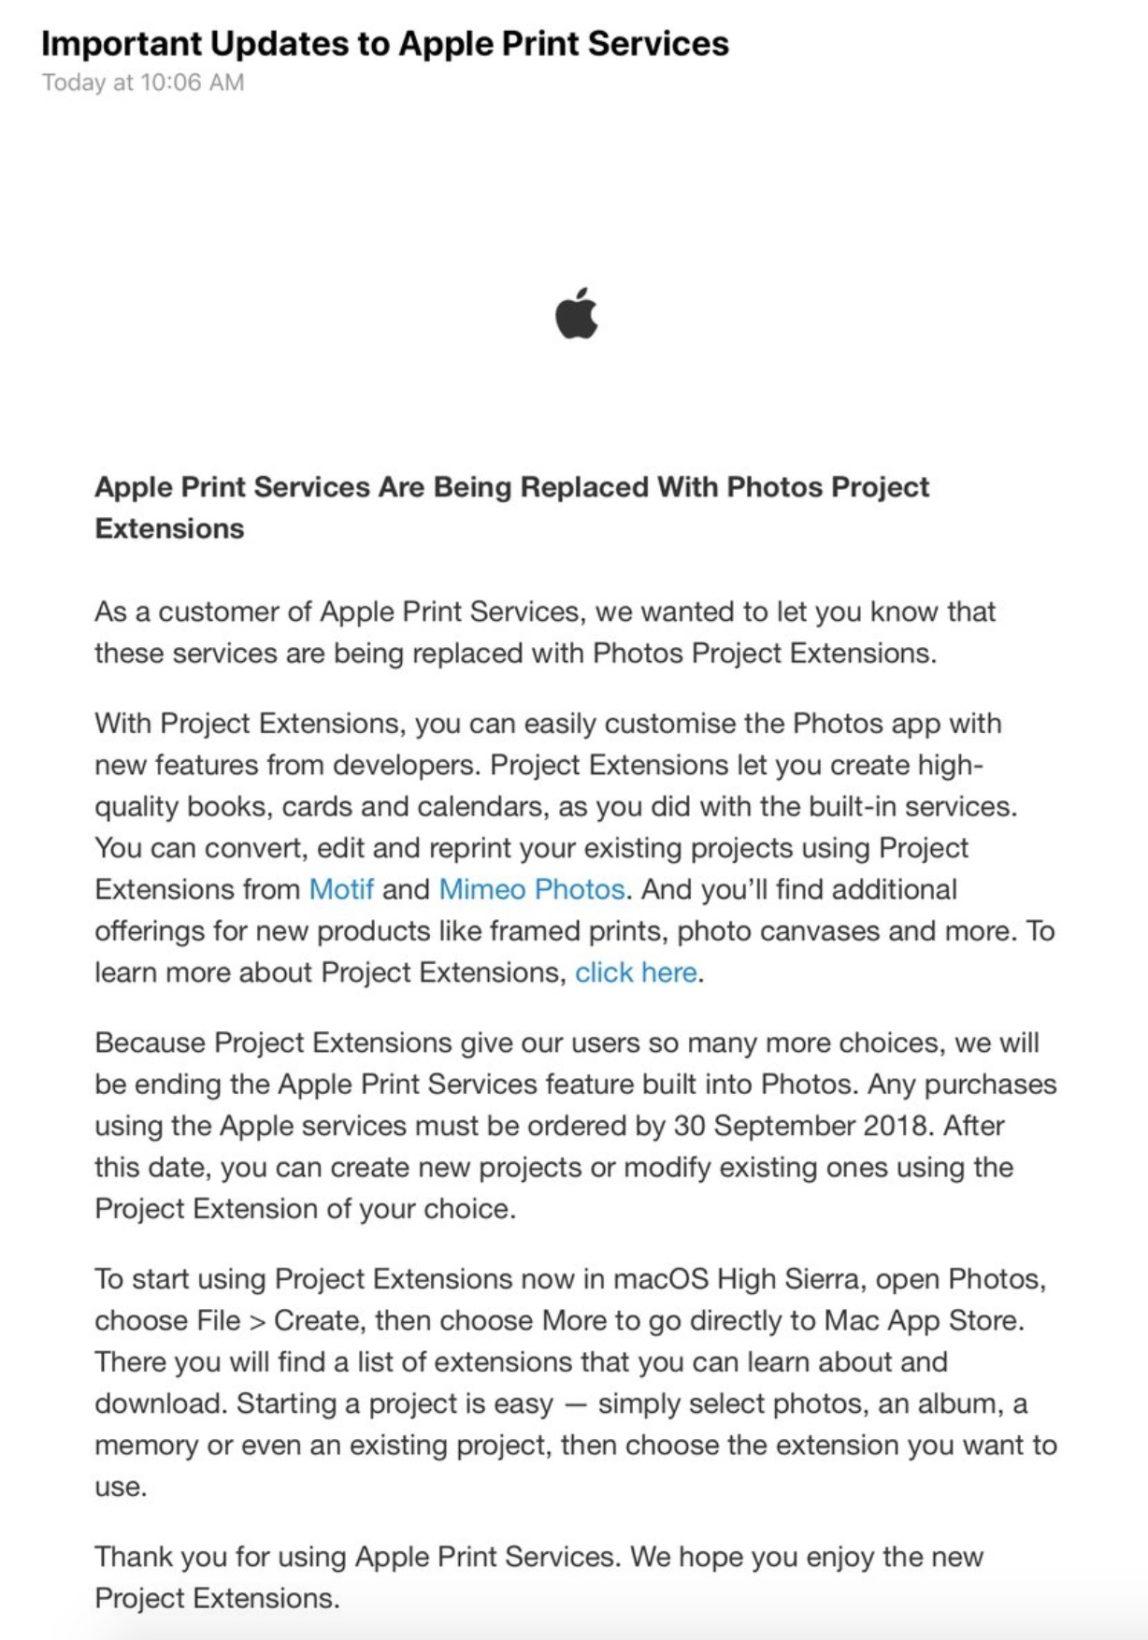 Il servizio di stampa foto Apple chiude, la società suggerisce le alternative